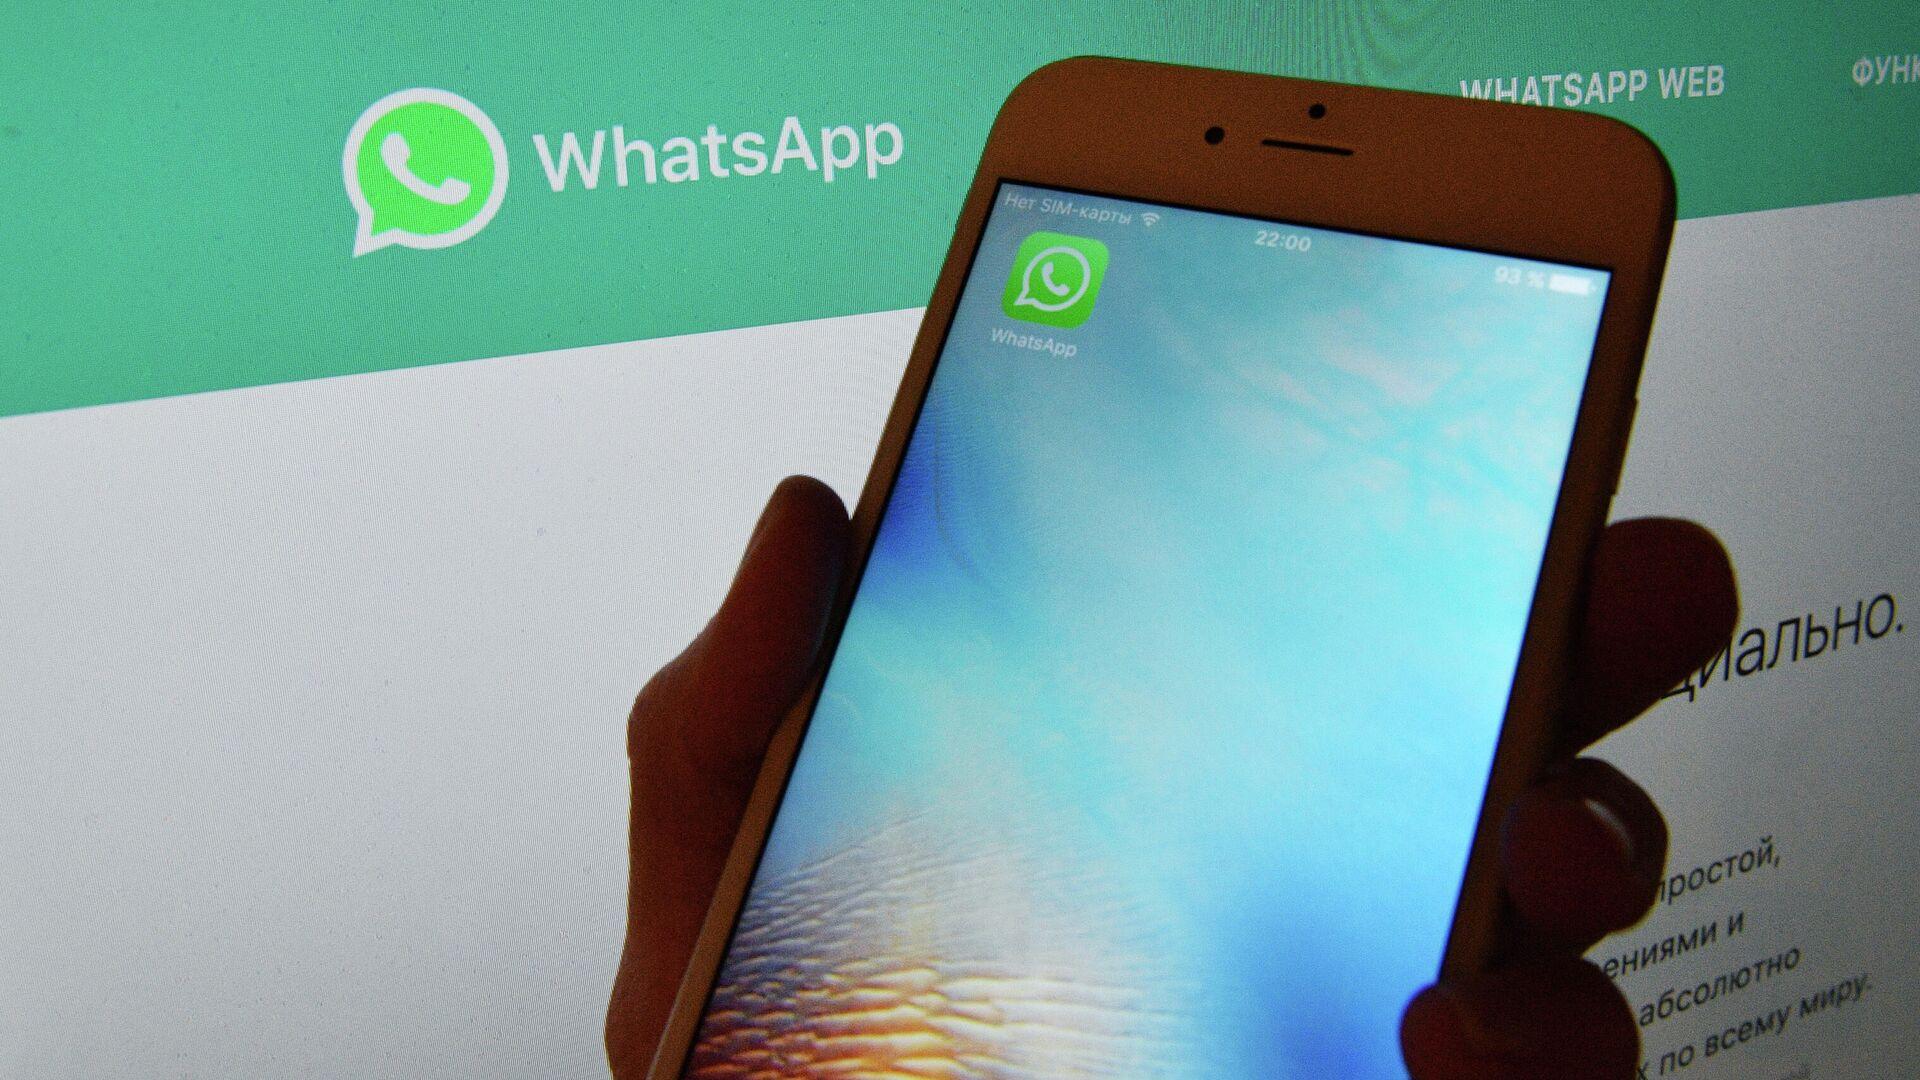 Иконка мессенджера WhatsApp на экране смартфона - РИА Новости, 1920, 12.05.2021